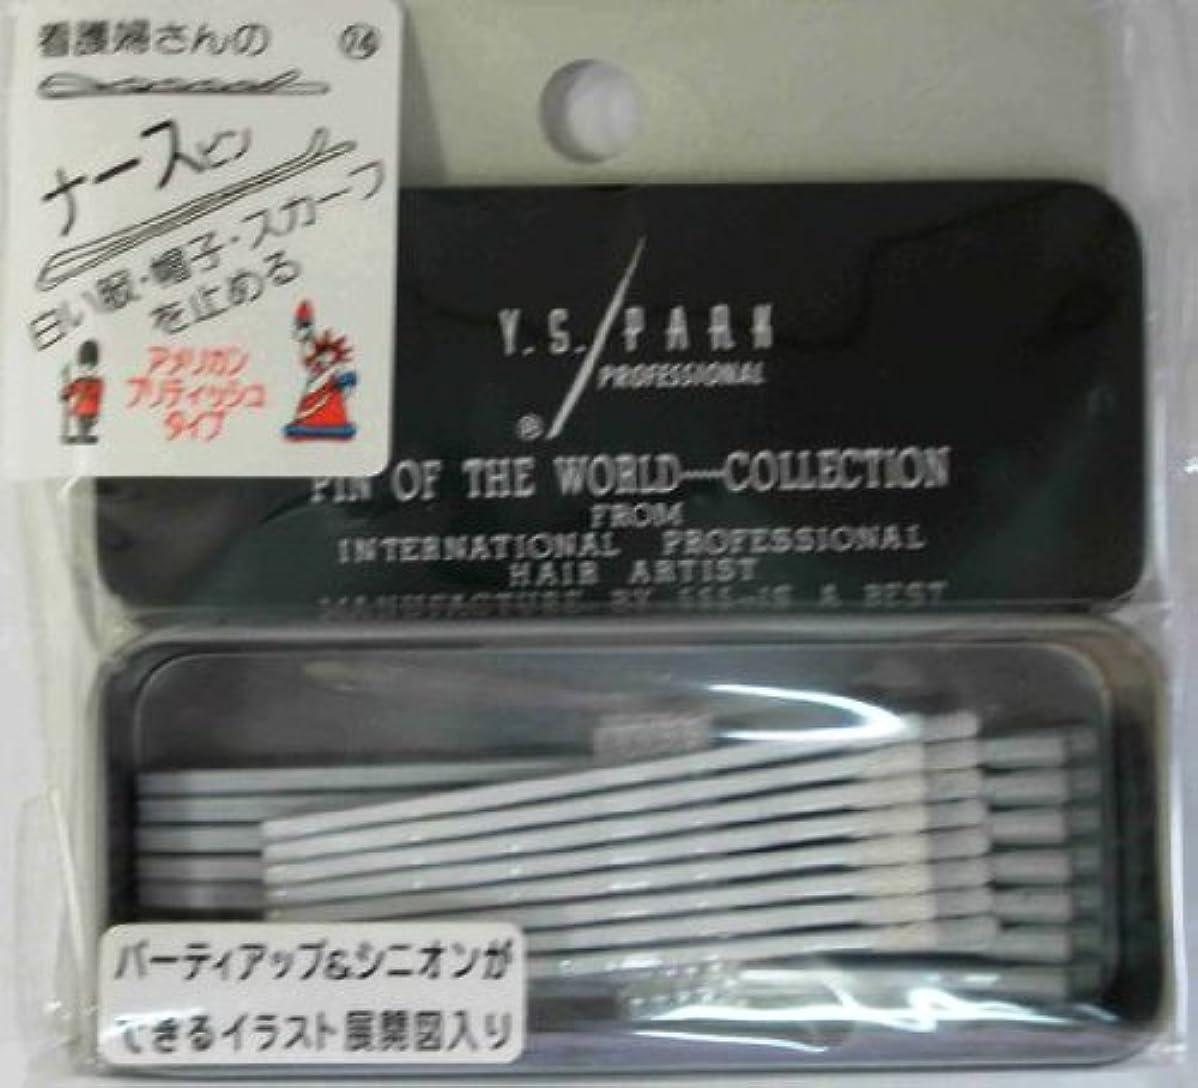 切る受信機遺伝的Y.S.PARK世界のヘアピンコレクションNo.74(白)アメリカンブリティッシュタイプ15P